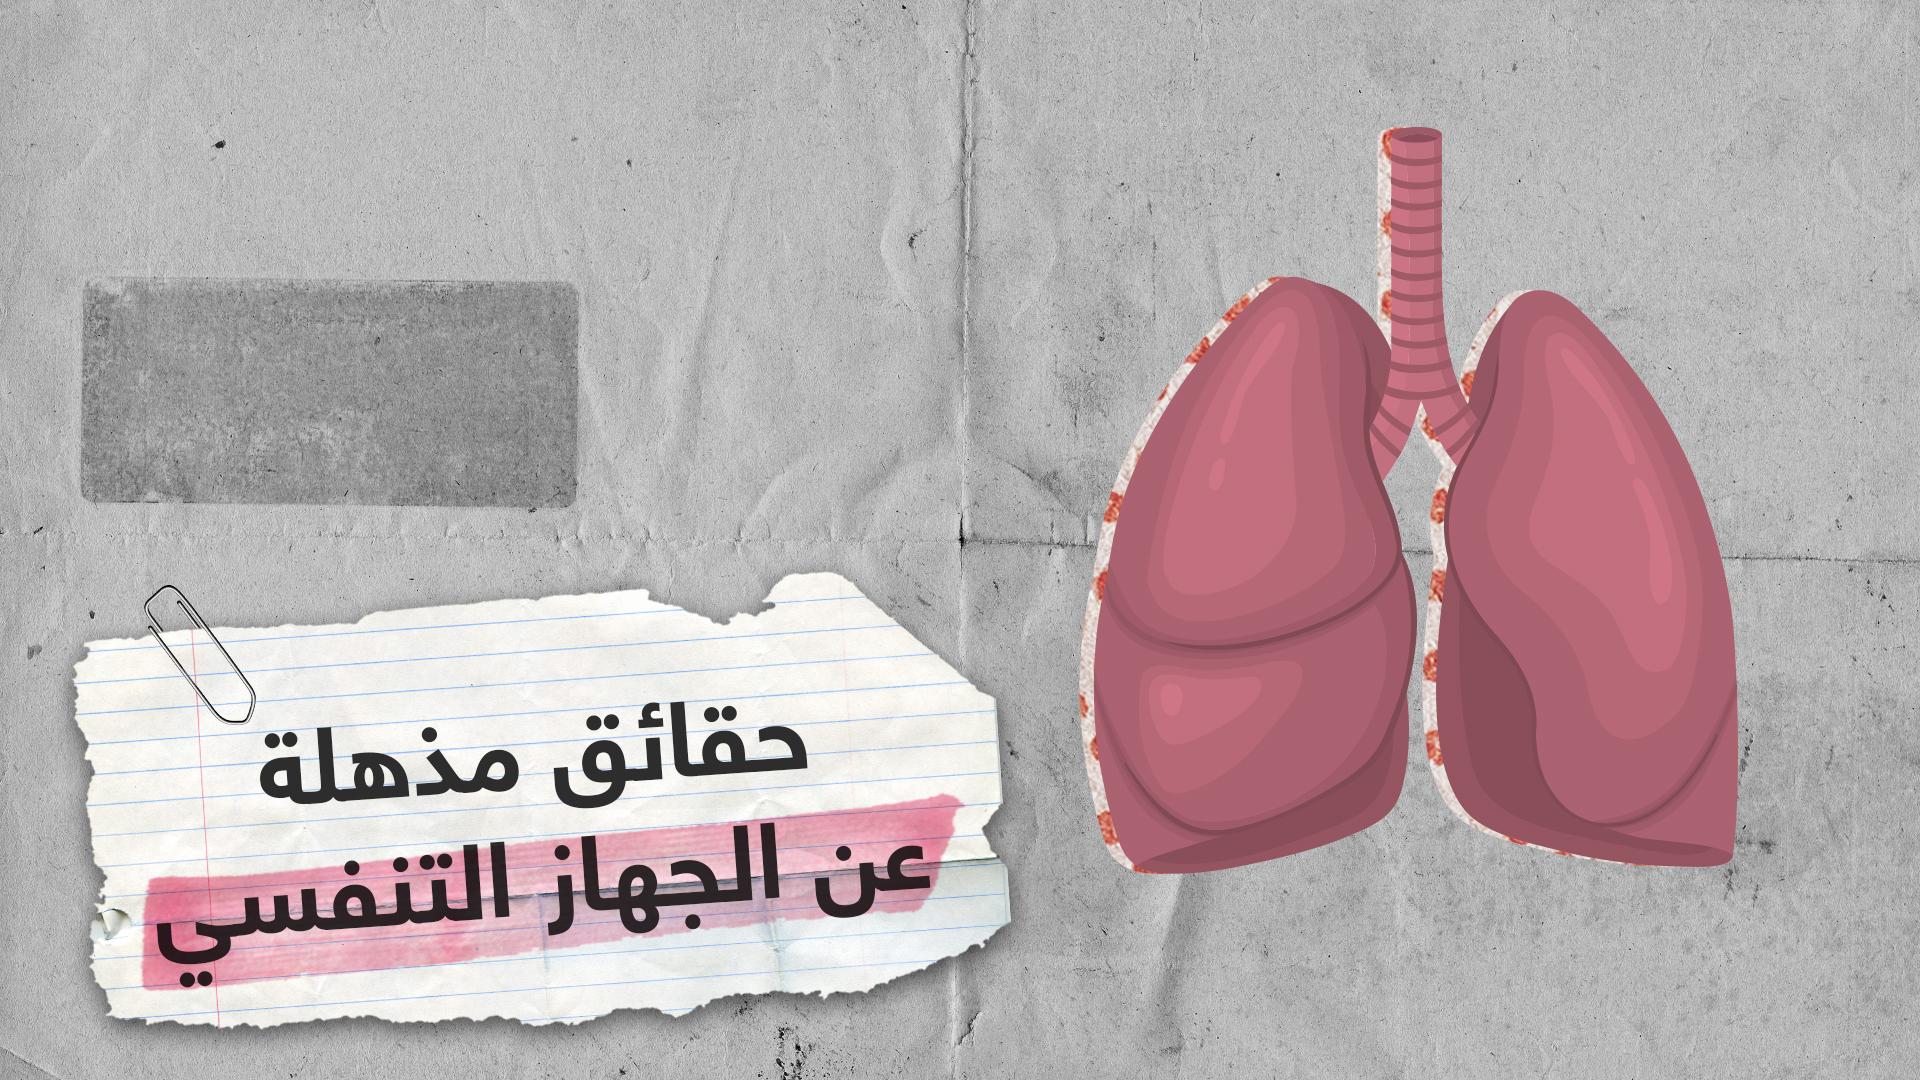 حقائق مذهلة عن الجهاز التنفسي